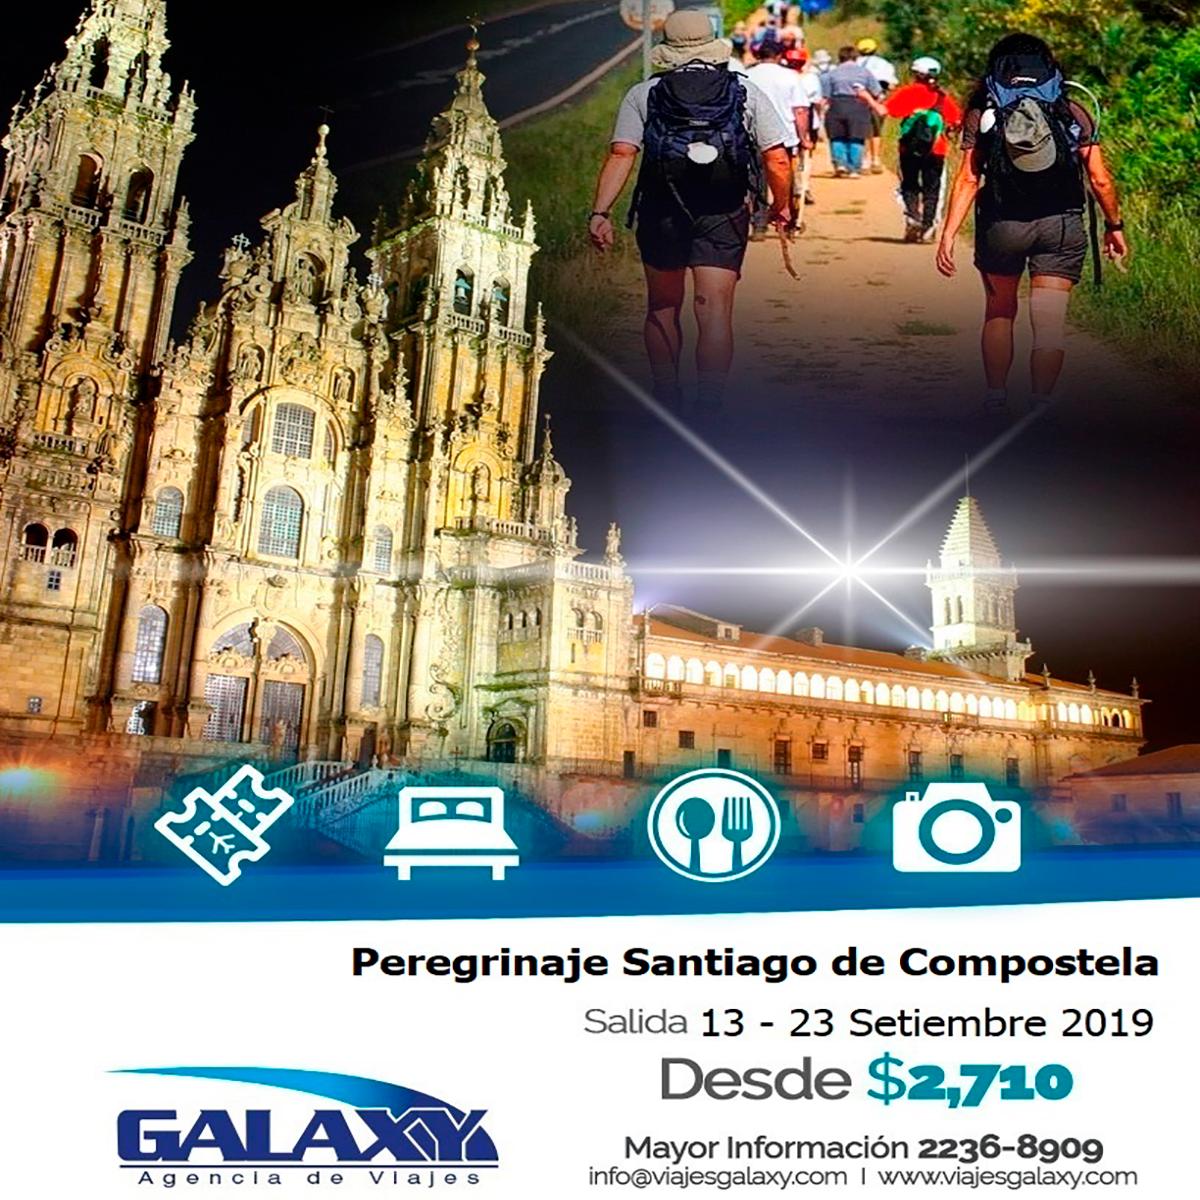 GALAXY AGENCIAS DE VIAJES - AGENCIAS DE VIAJES